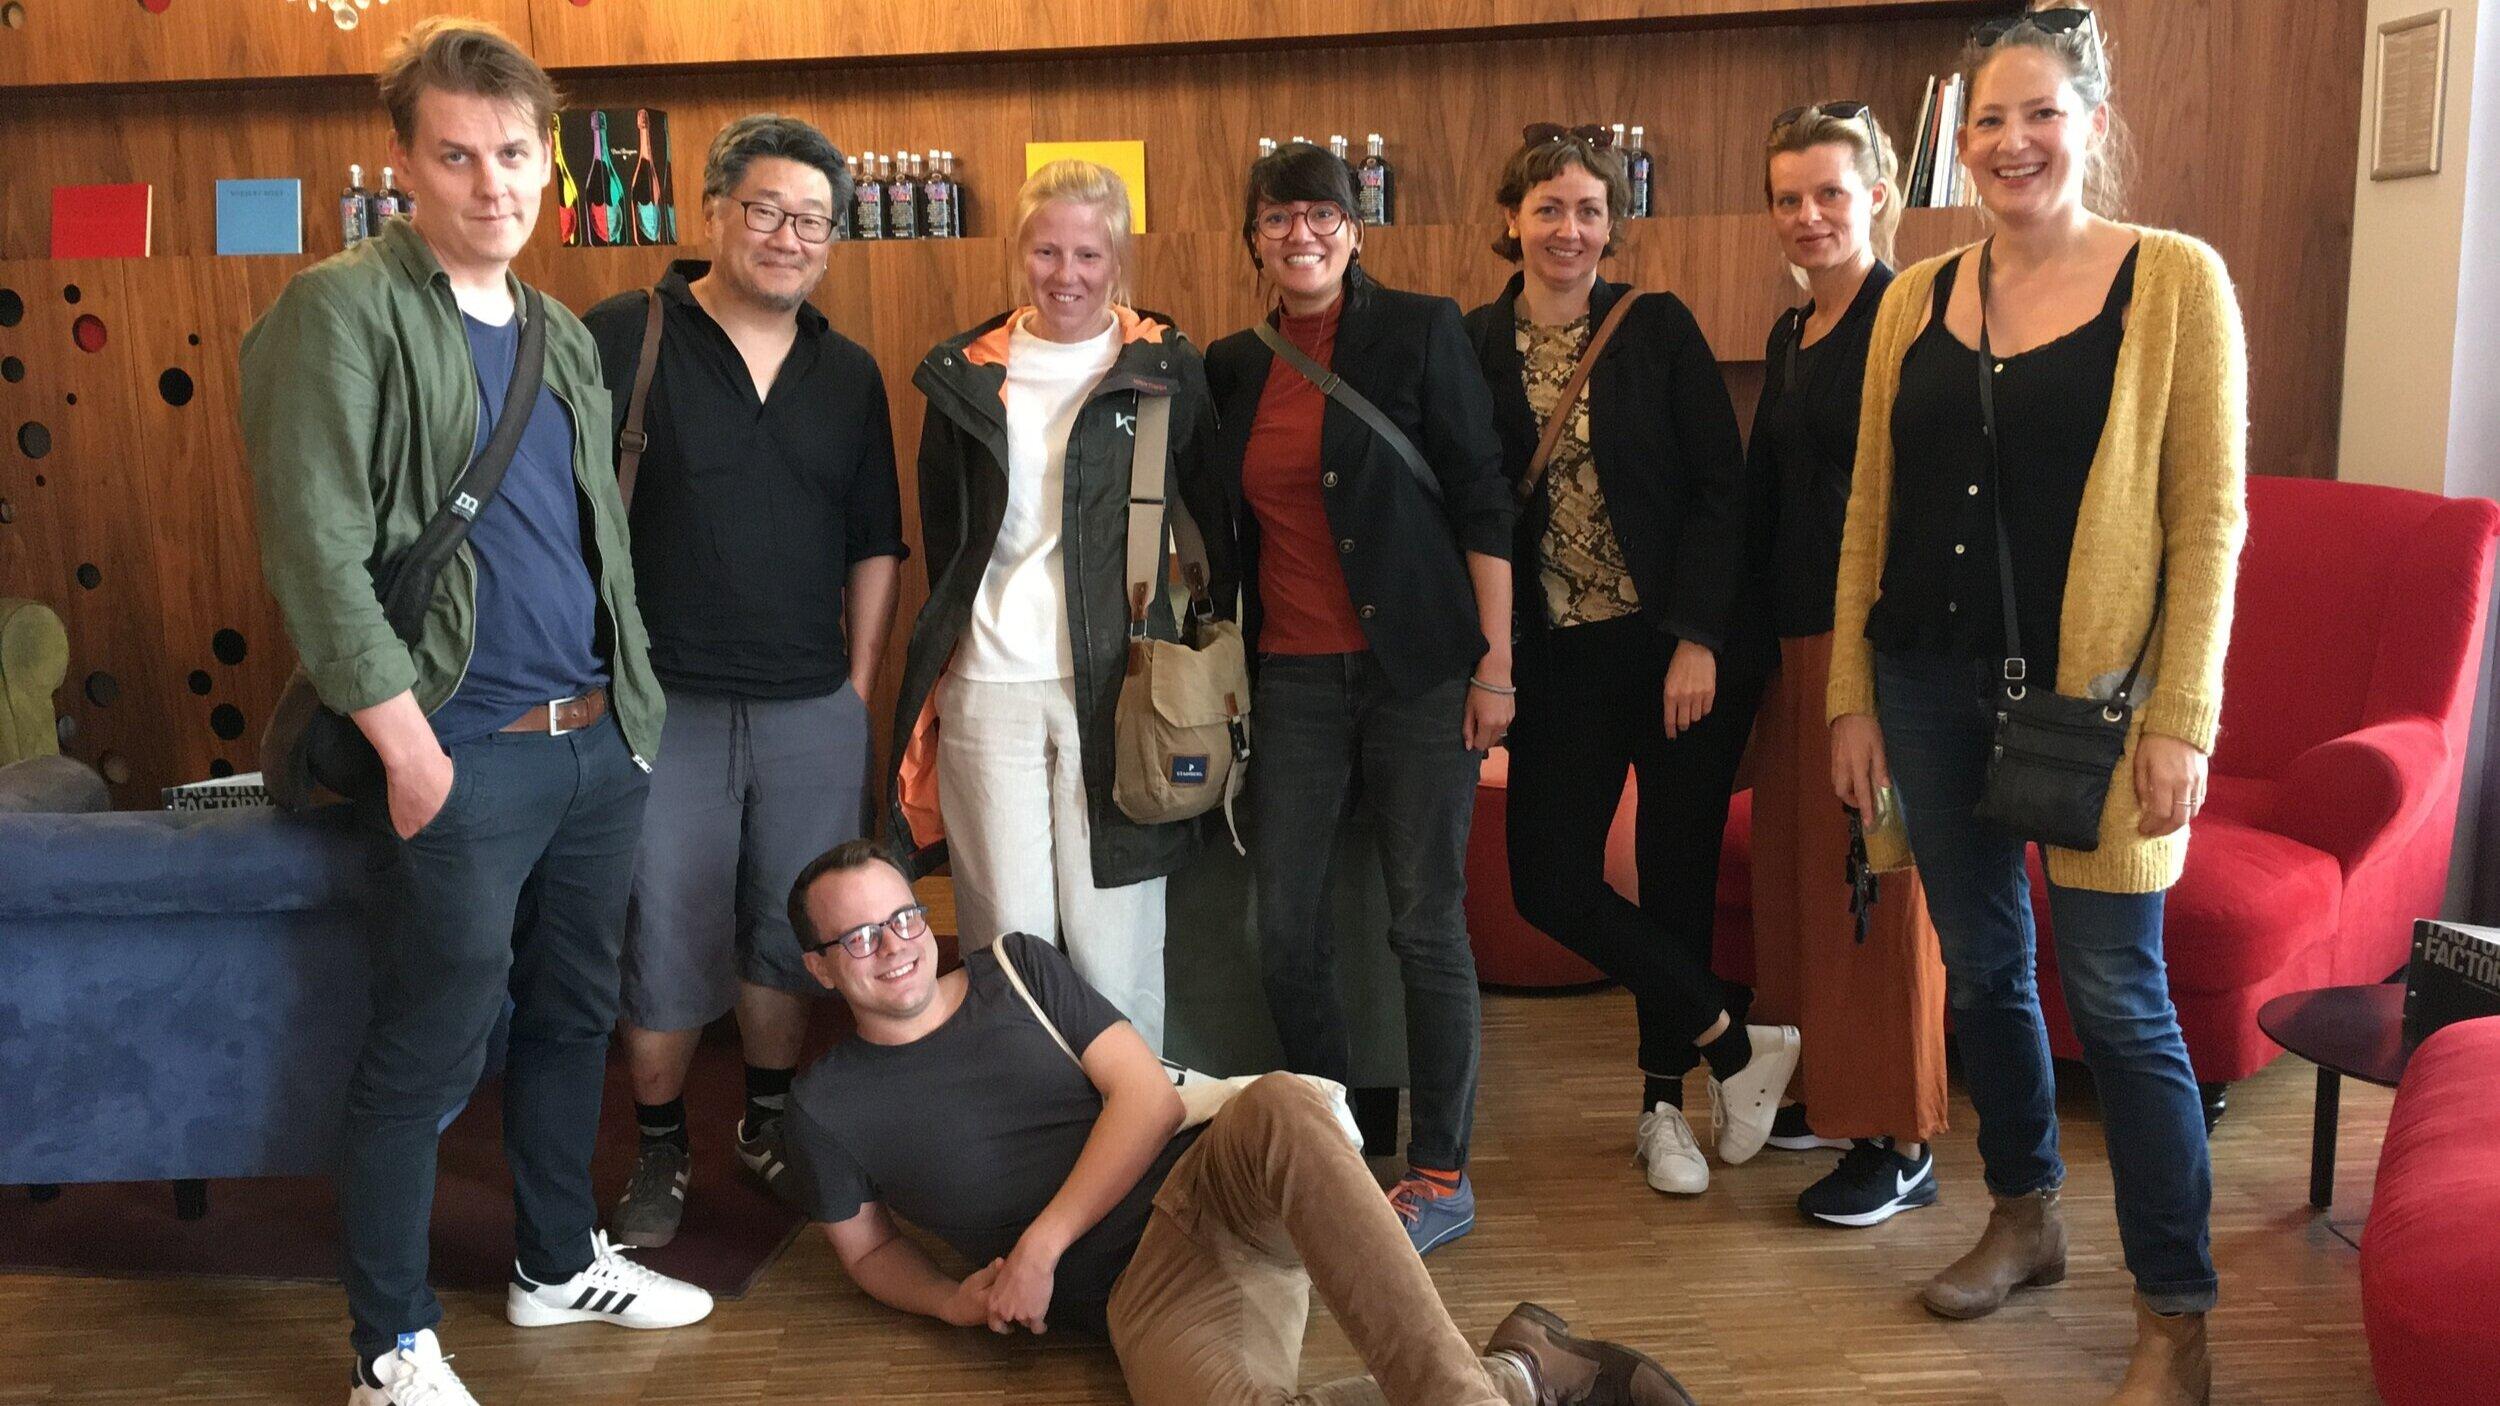 Erik Jonsson, Patrik Tornéus, Kristina Grönberg, Elenor Nordström, Therese Bakkevoll, Ingvild Solstad-Nøis, Maríanna Lúthersdóttir och Ilkka Nyqvist representerade festivalerna under denna nätverksträff.